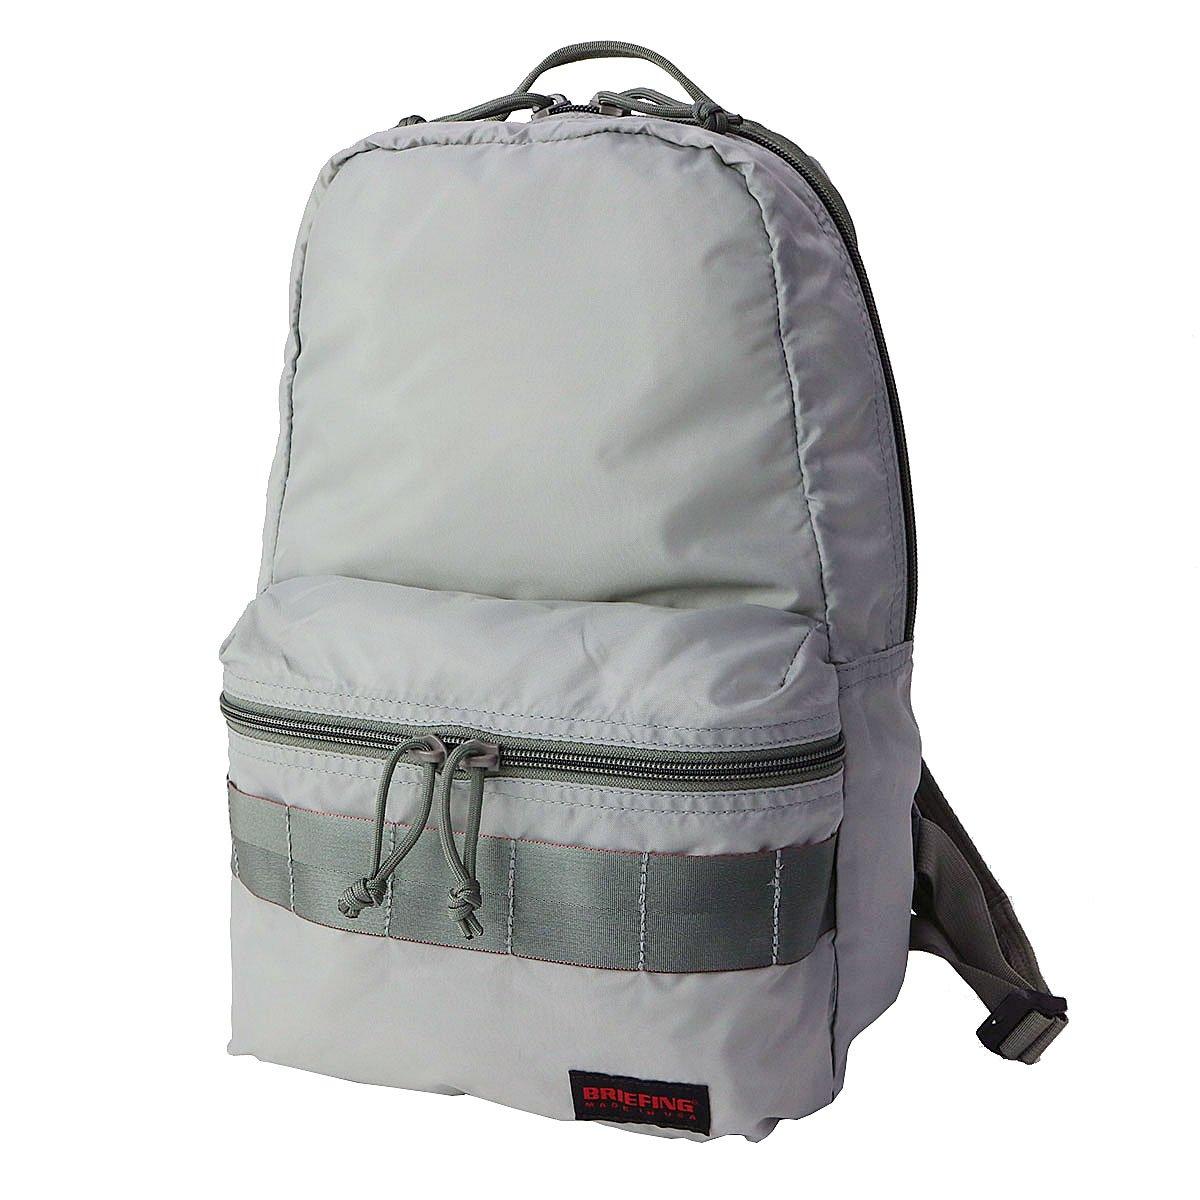 [ブリーフィング] デイパック OX LIGHT PACK S BRL354219 B01HSTIADE シルバー(006) シルバー(006)